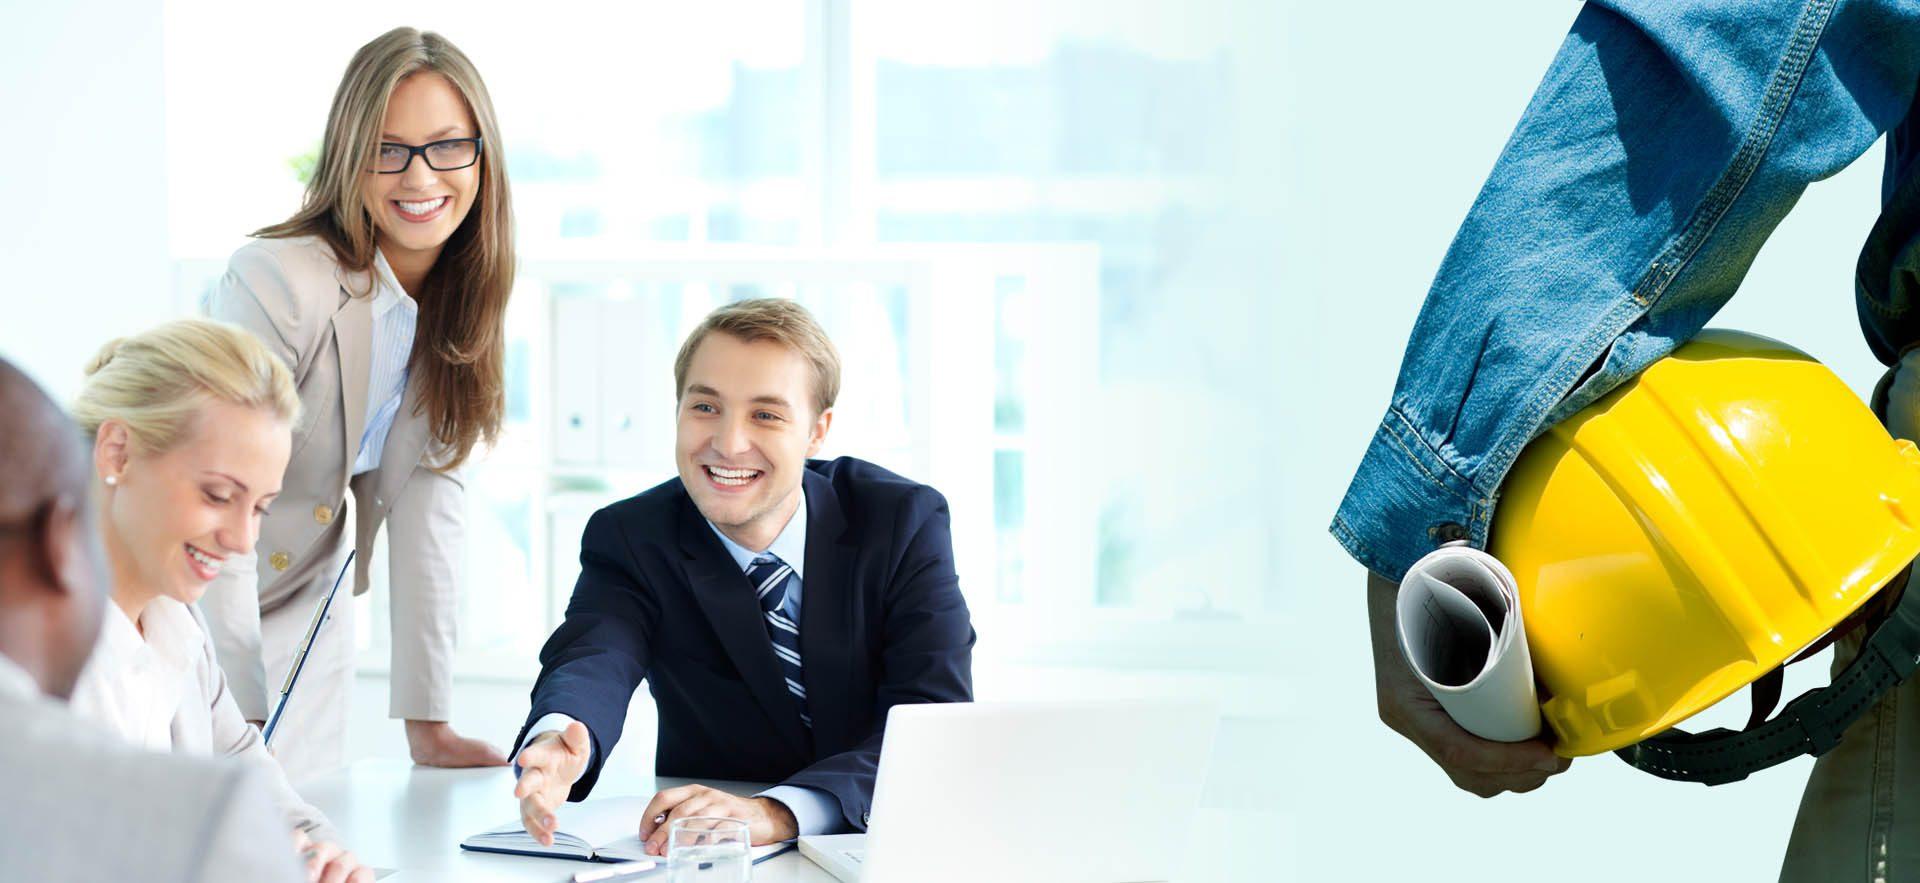 BQJ | Szkolenia BHP, doradztwo, obsługa firm w zakresie BHP - image Slajder-4 on https://bqj.com.pl